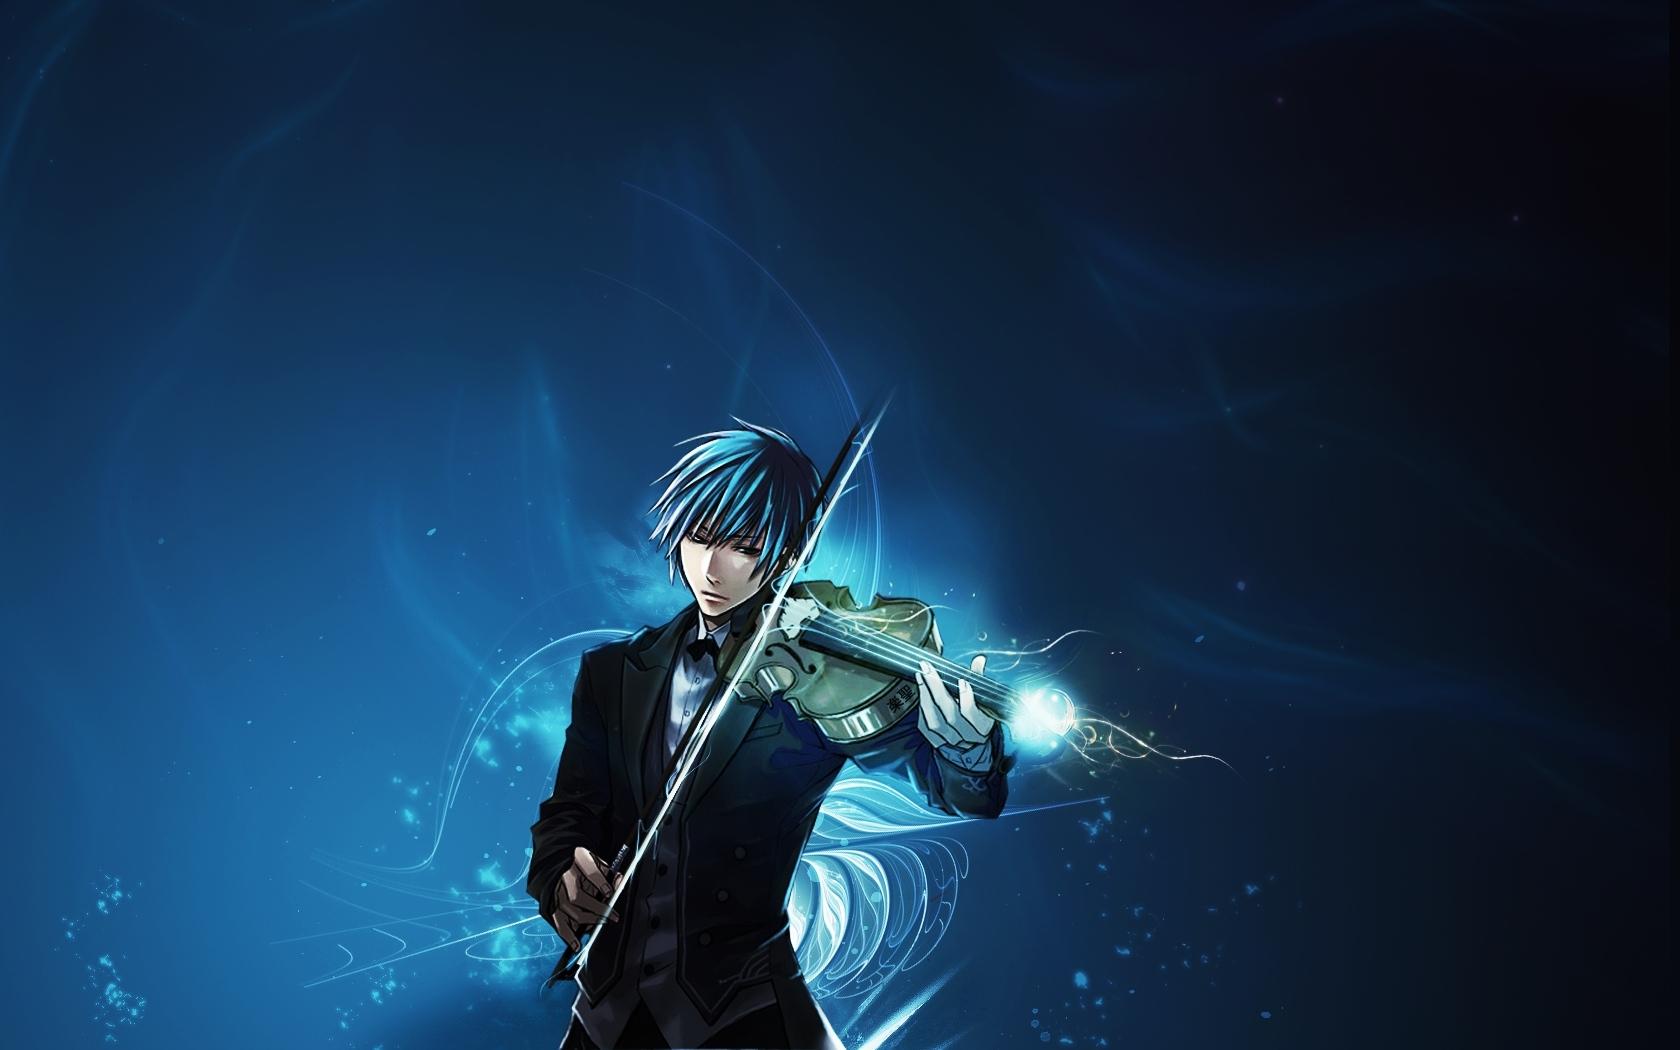 Descarga gratuita de fondo de pantalla para móvil de Música, Anime, Hombres, Violines.